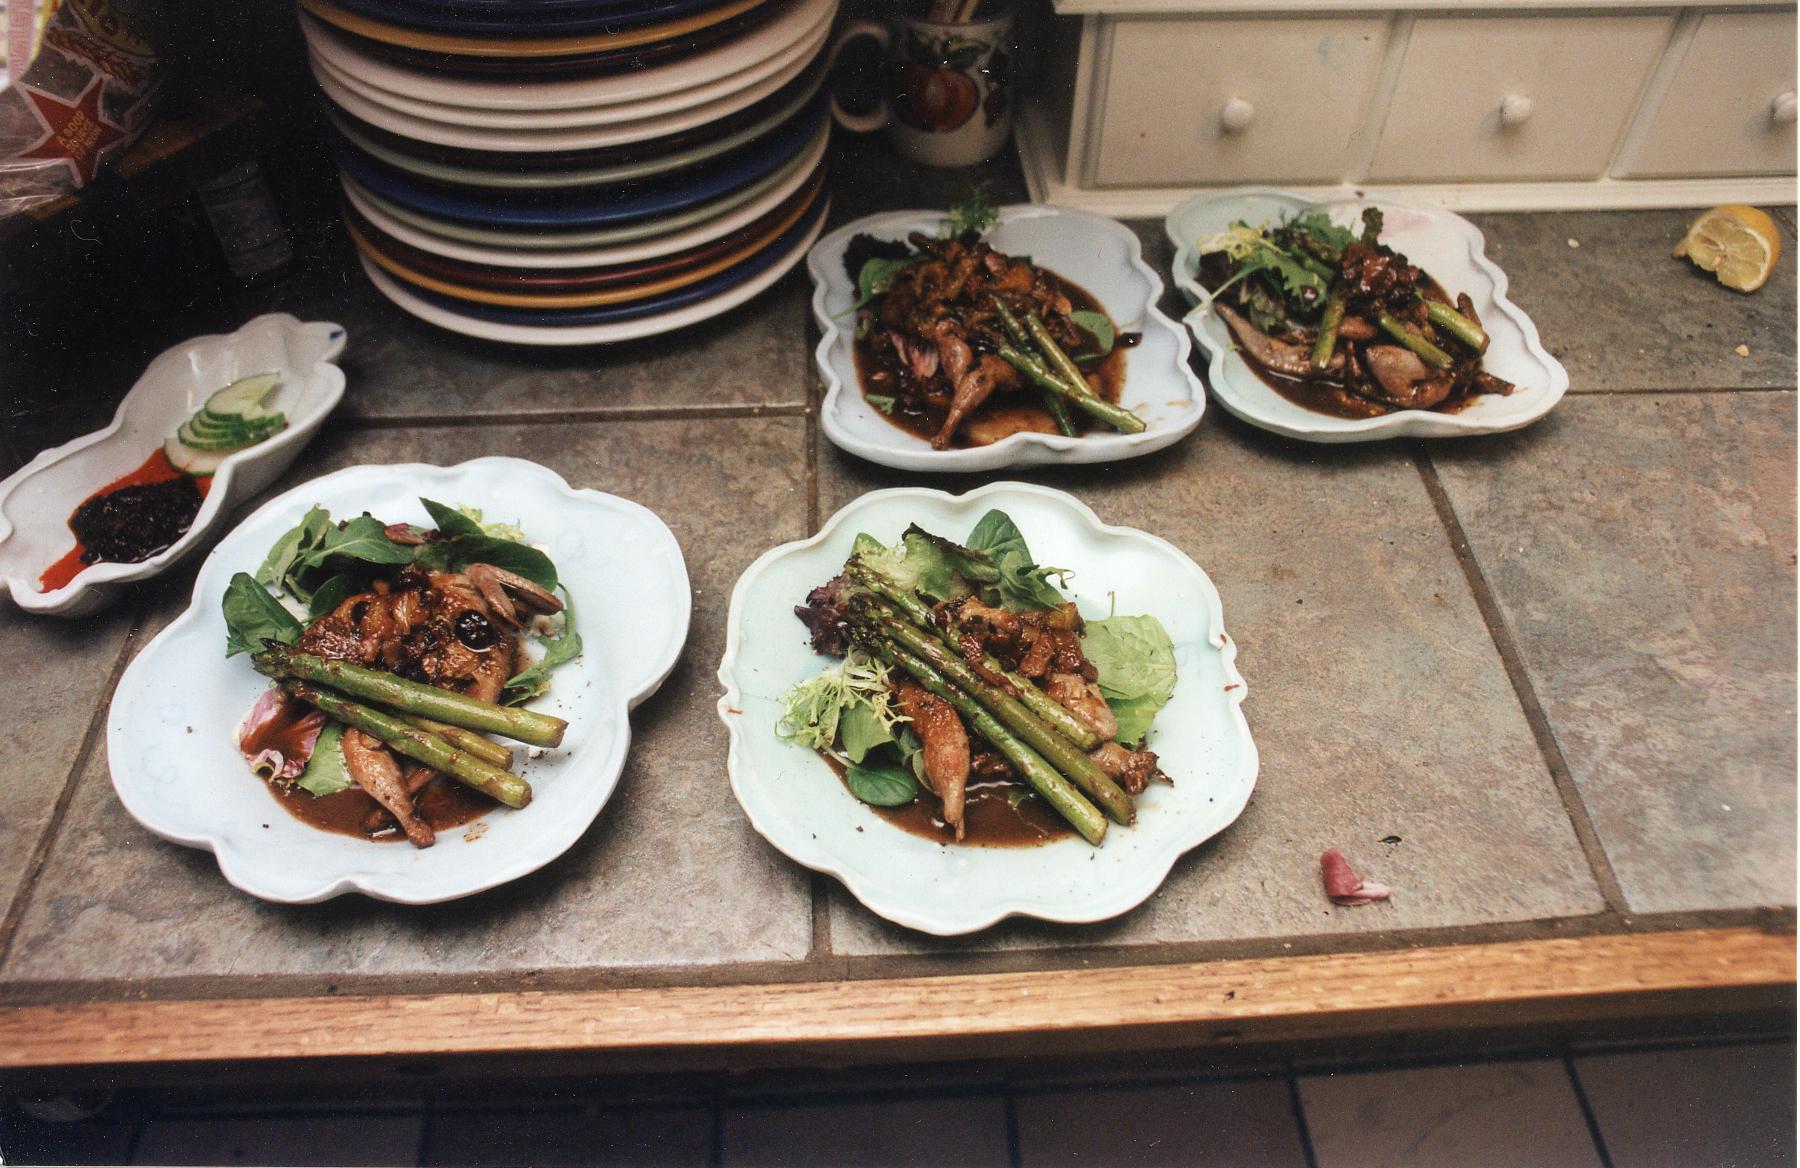 dinnerware16 copy.jpg